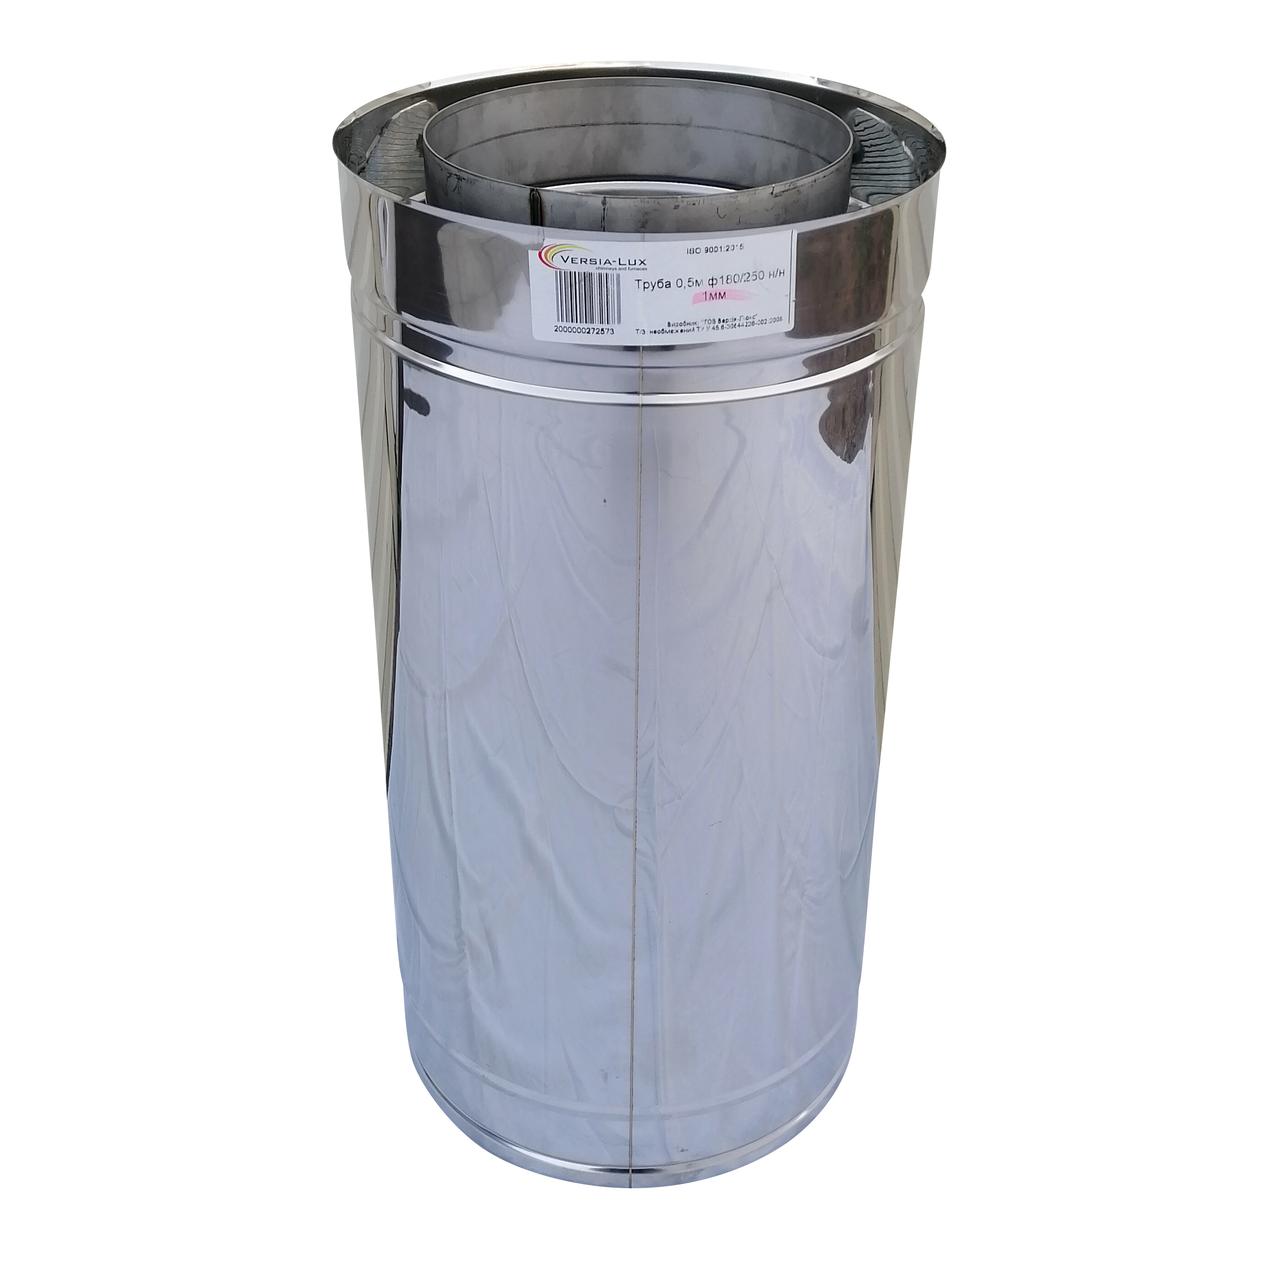 Труба димохідна сендвіч d 140 мм; 0,5 мм; AISI 304; 50 см; нержавіюча сталь/неіржавіюча сталь - «Версія-Люкс»